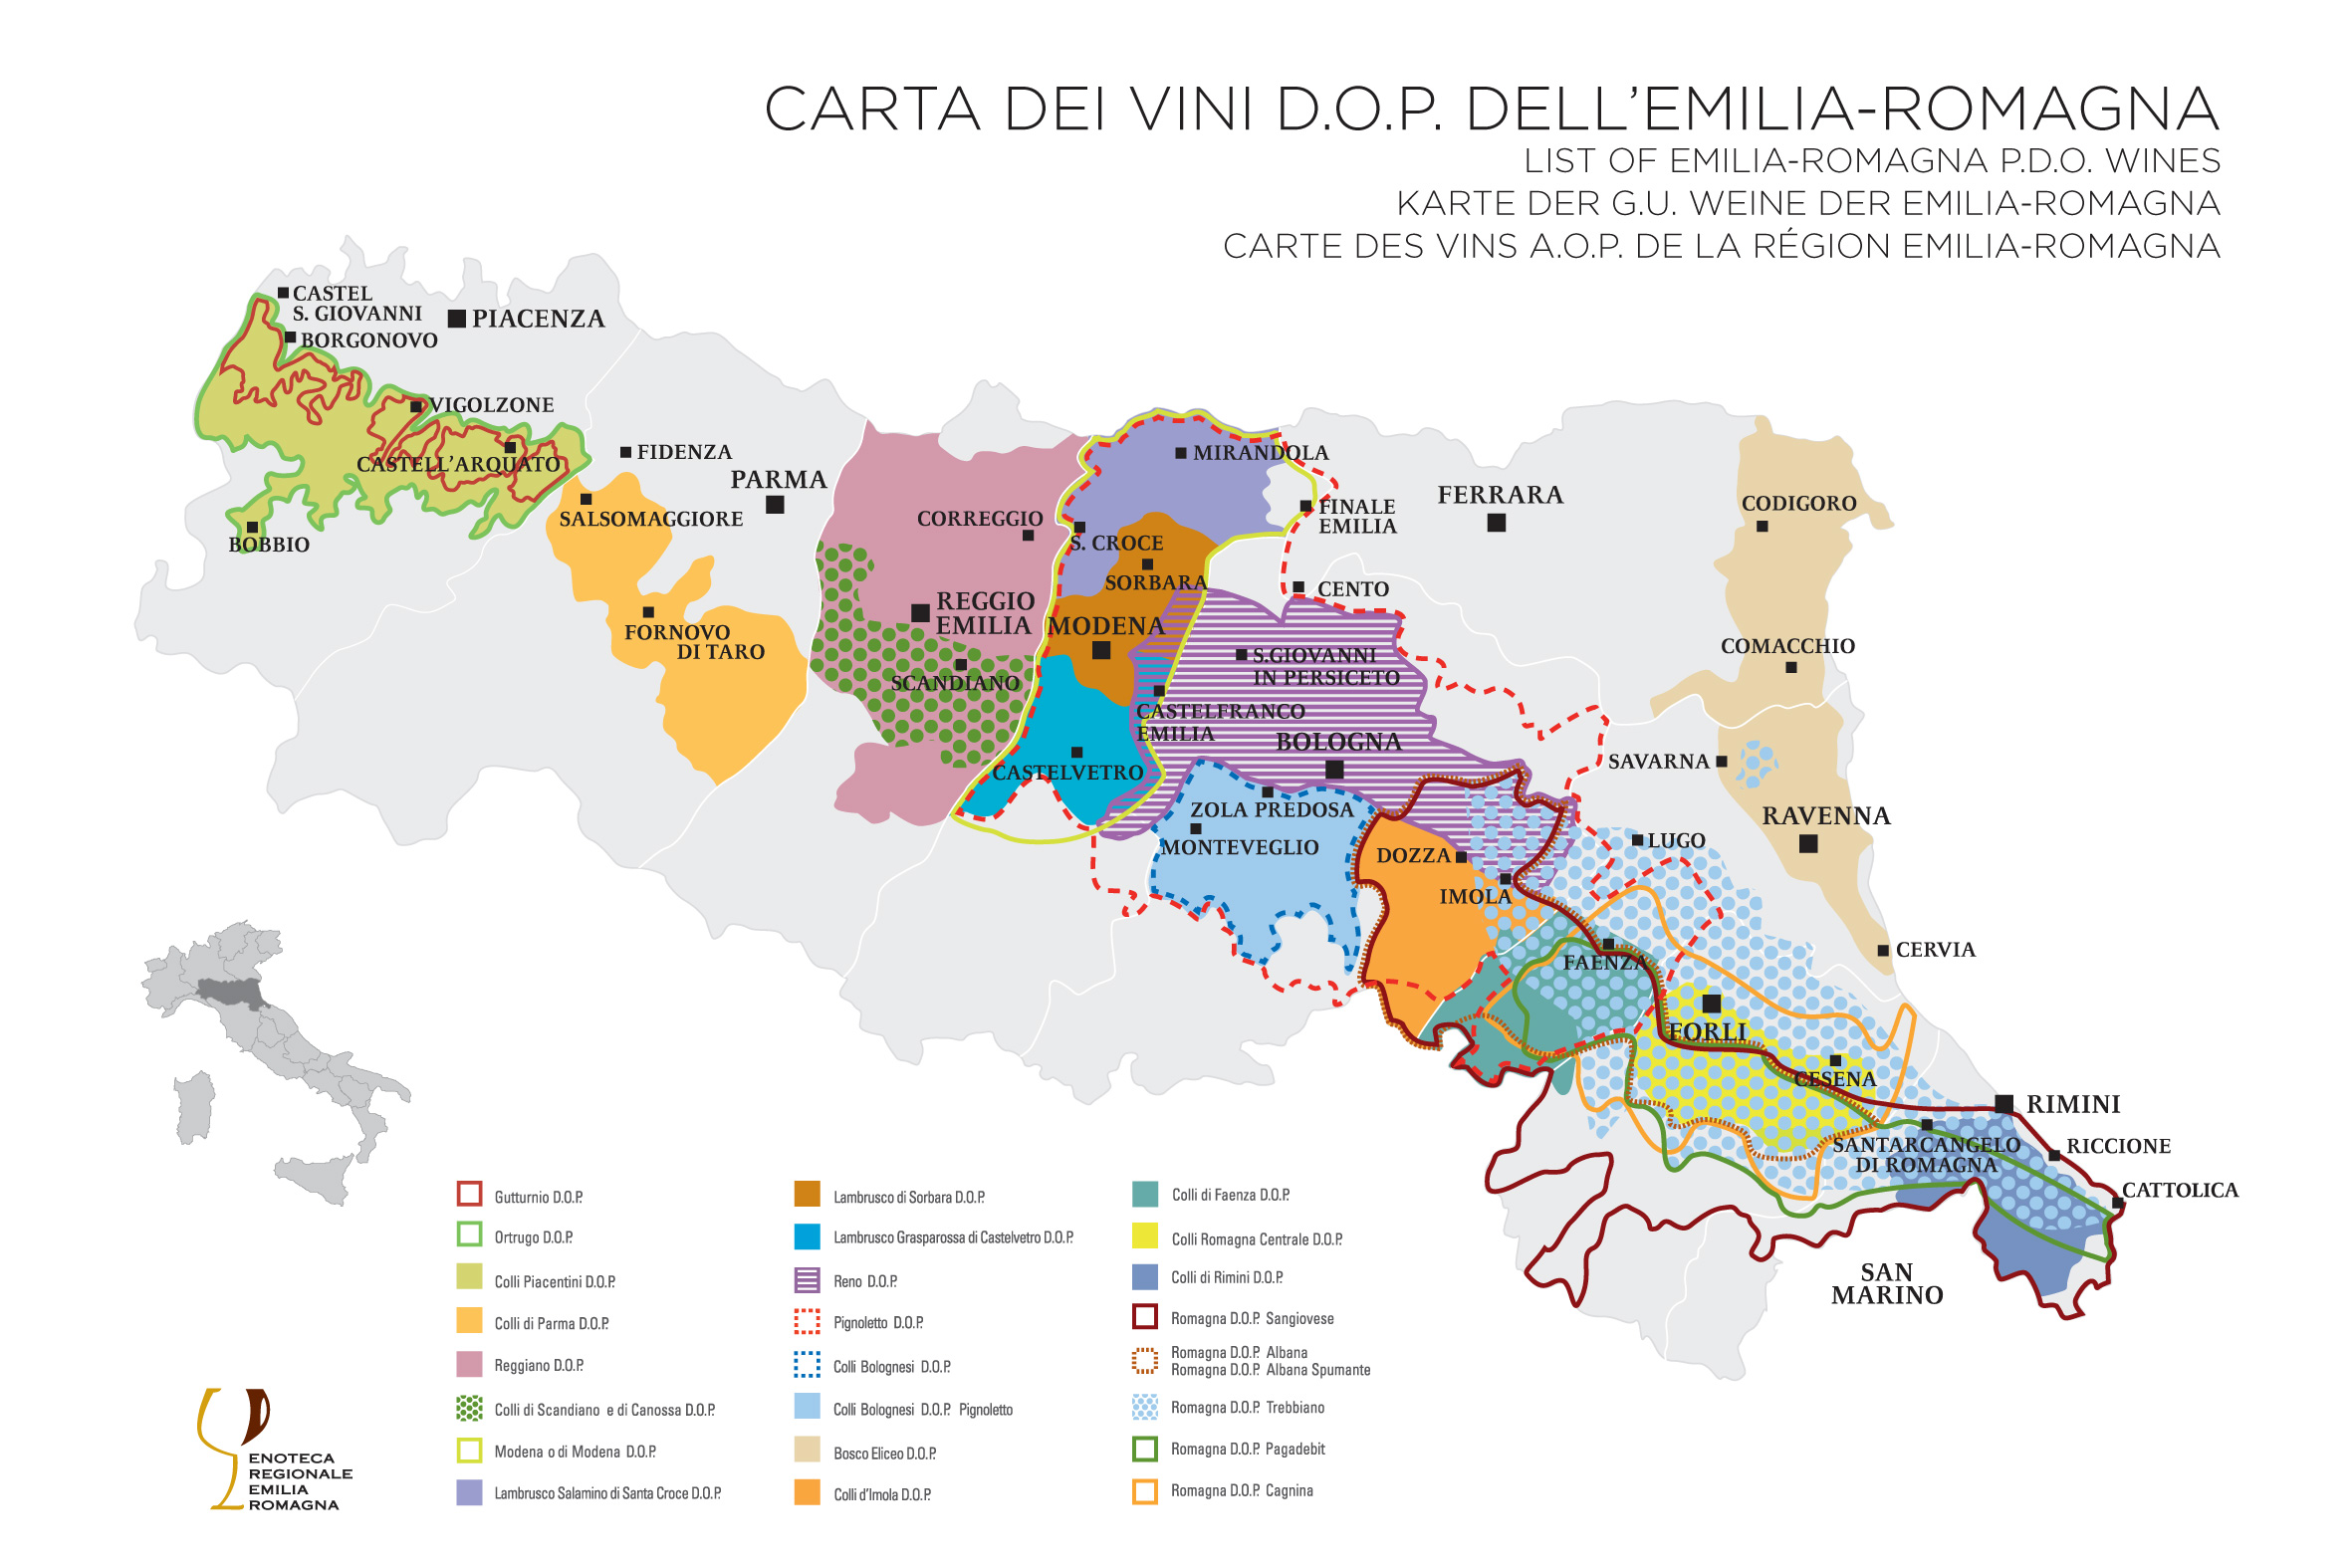 List of Emilia-Romagna PDO Wines